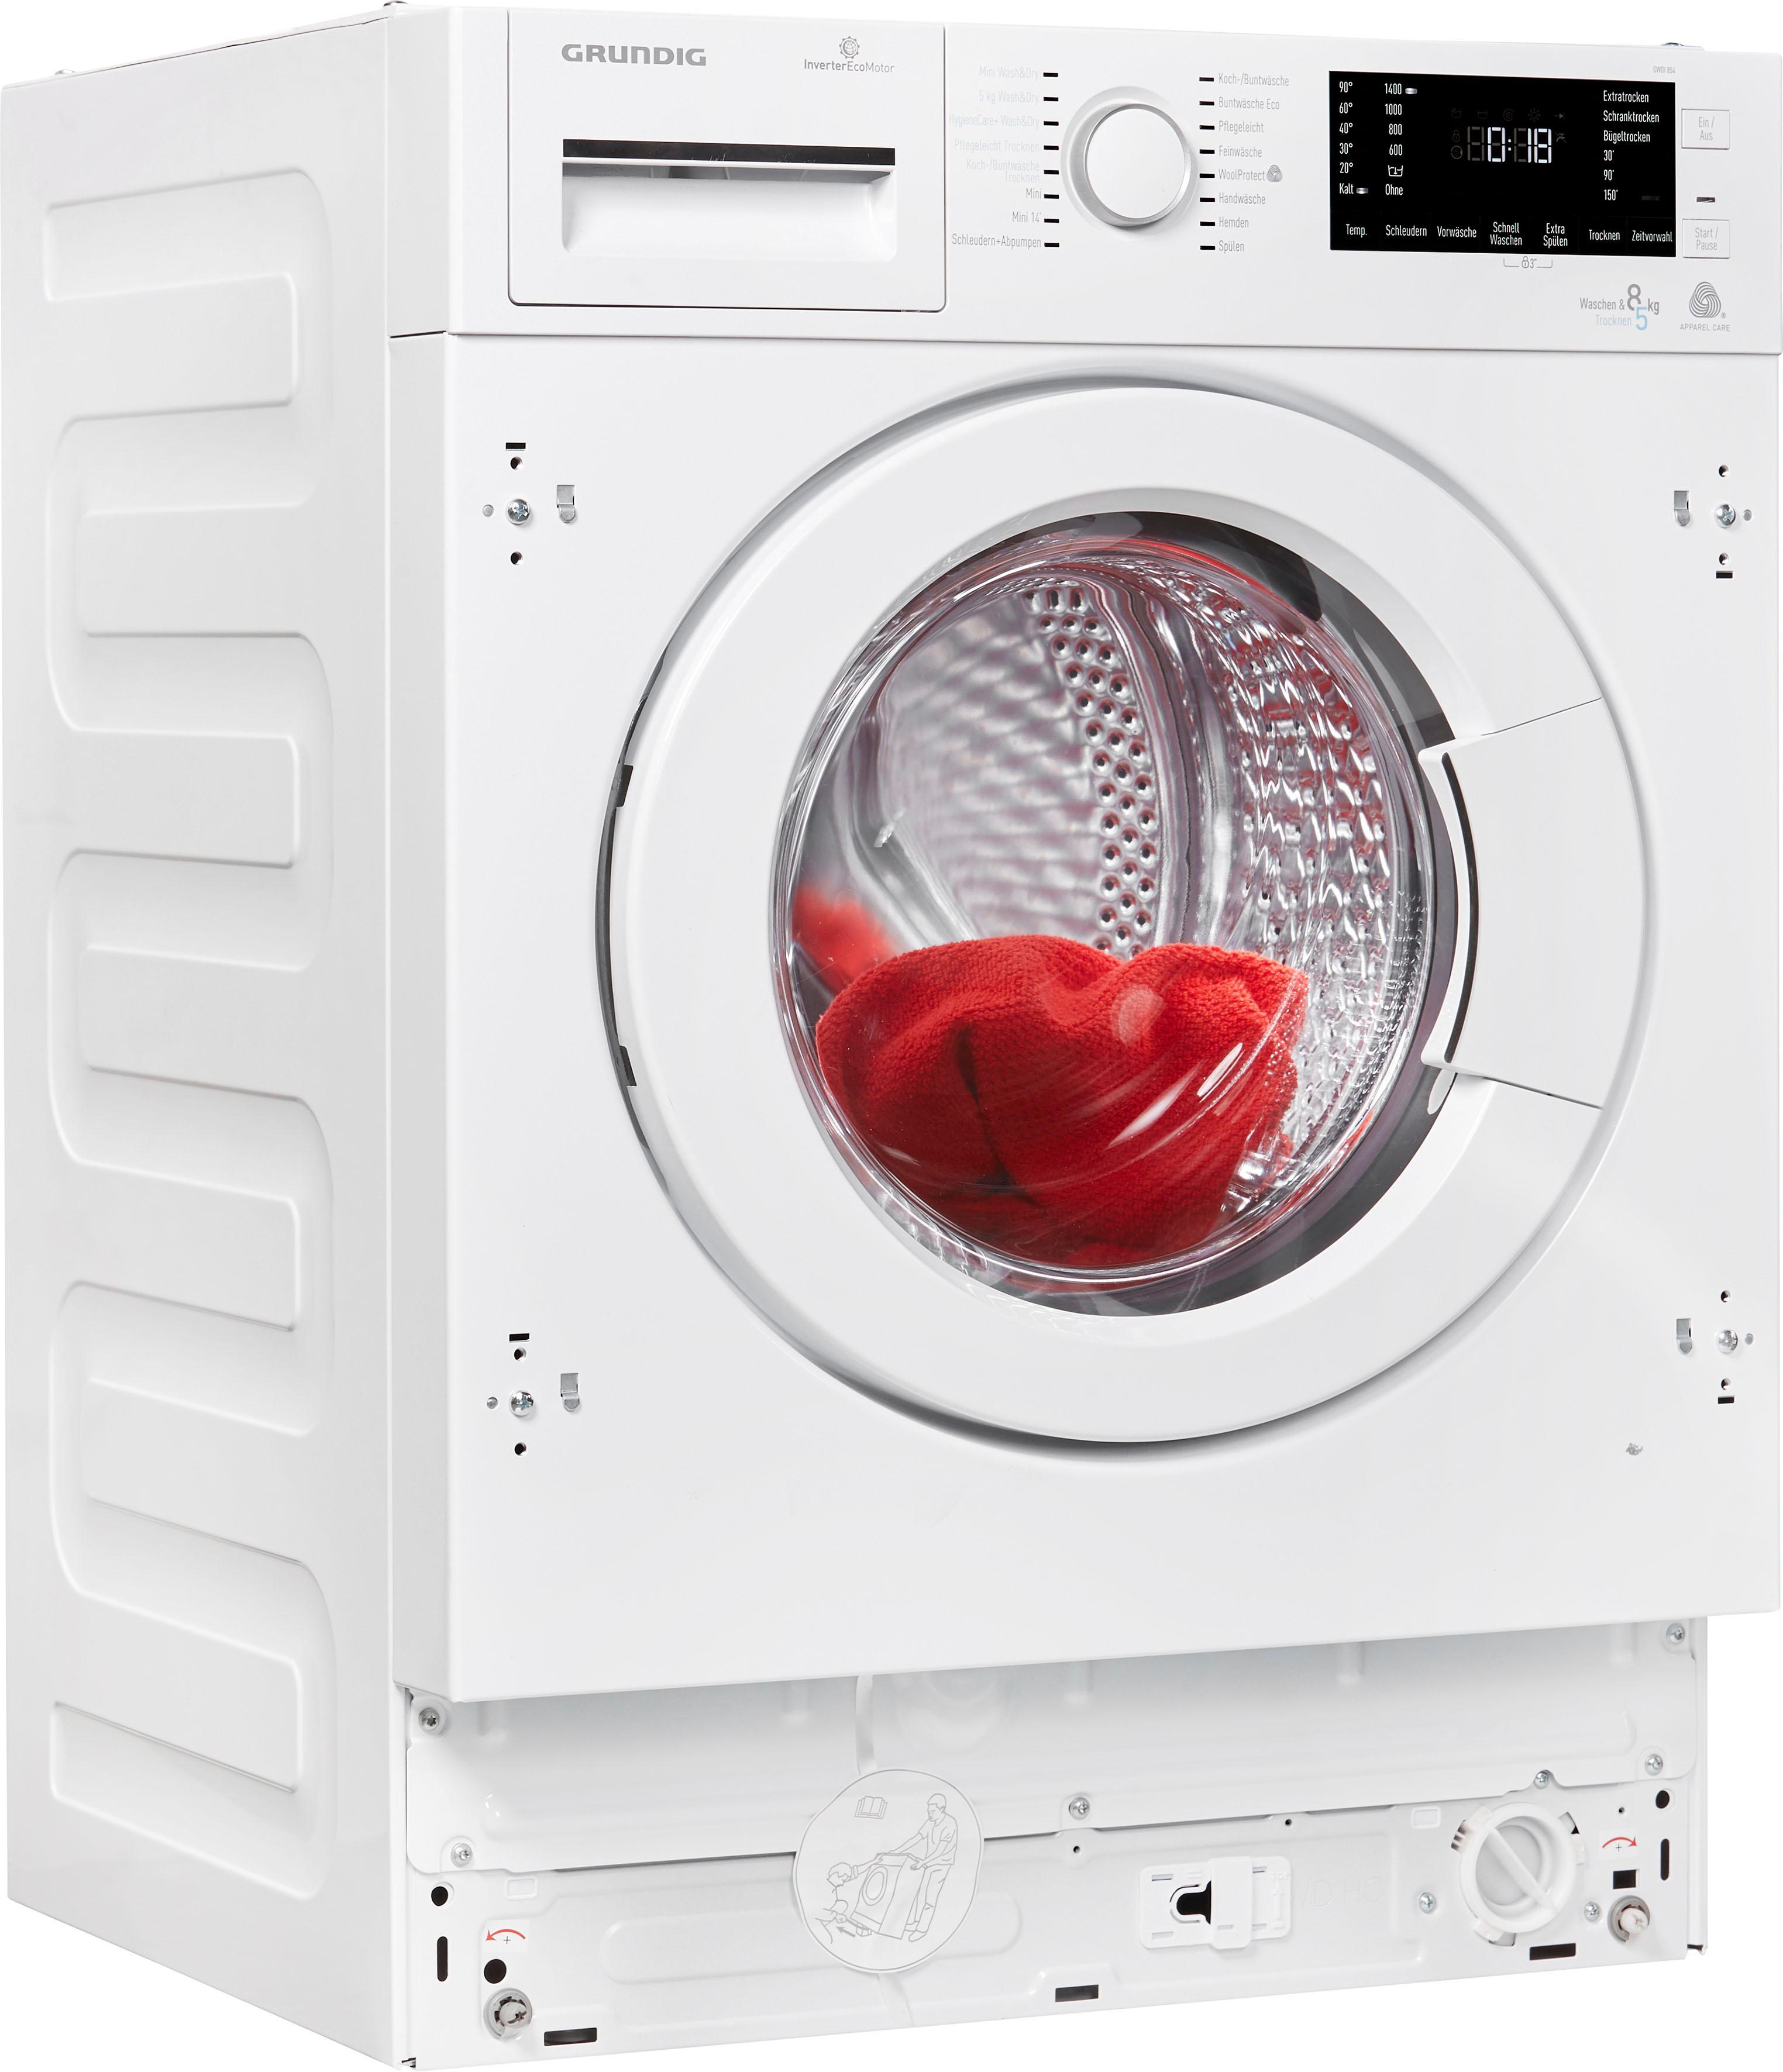 Grundig Einbauwaschtrockner GWDI 854, 8 kg / 5 kg, 1400 U/Min | Bad > Waschmaschinen und Trockner > Waschtrockner | Grundig